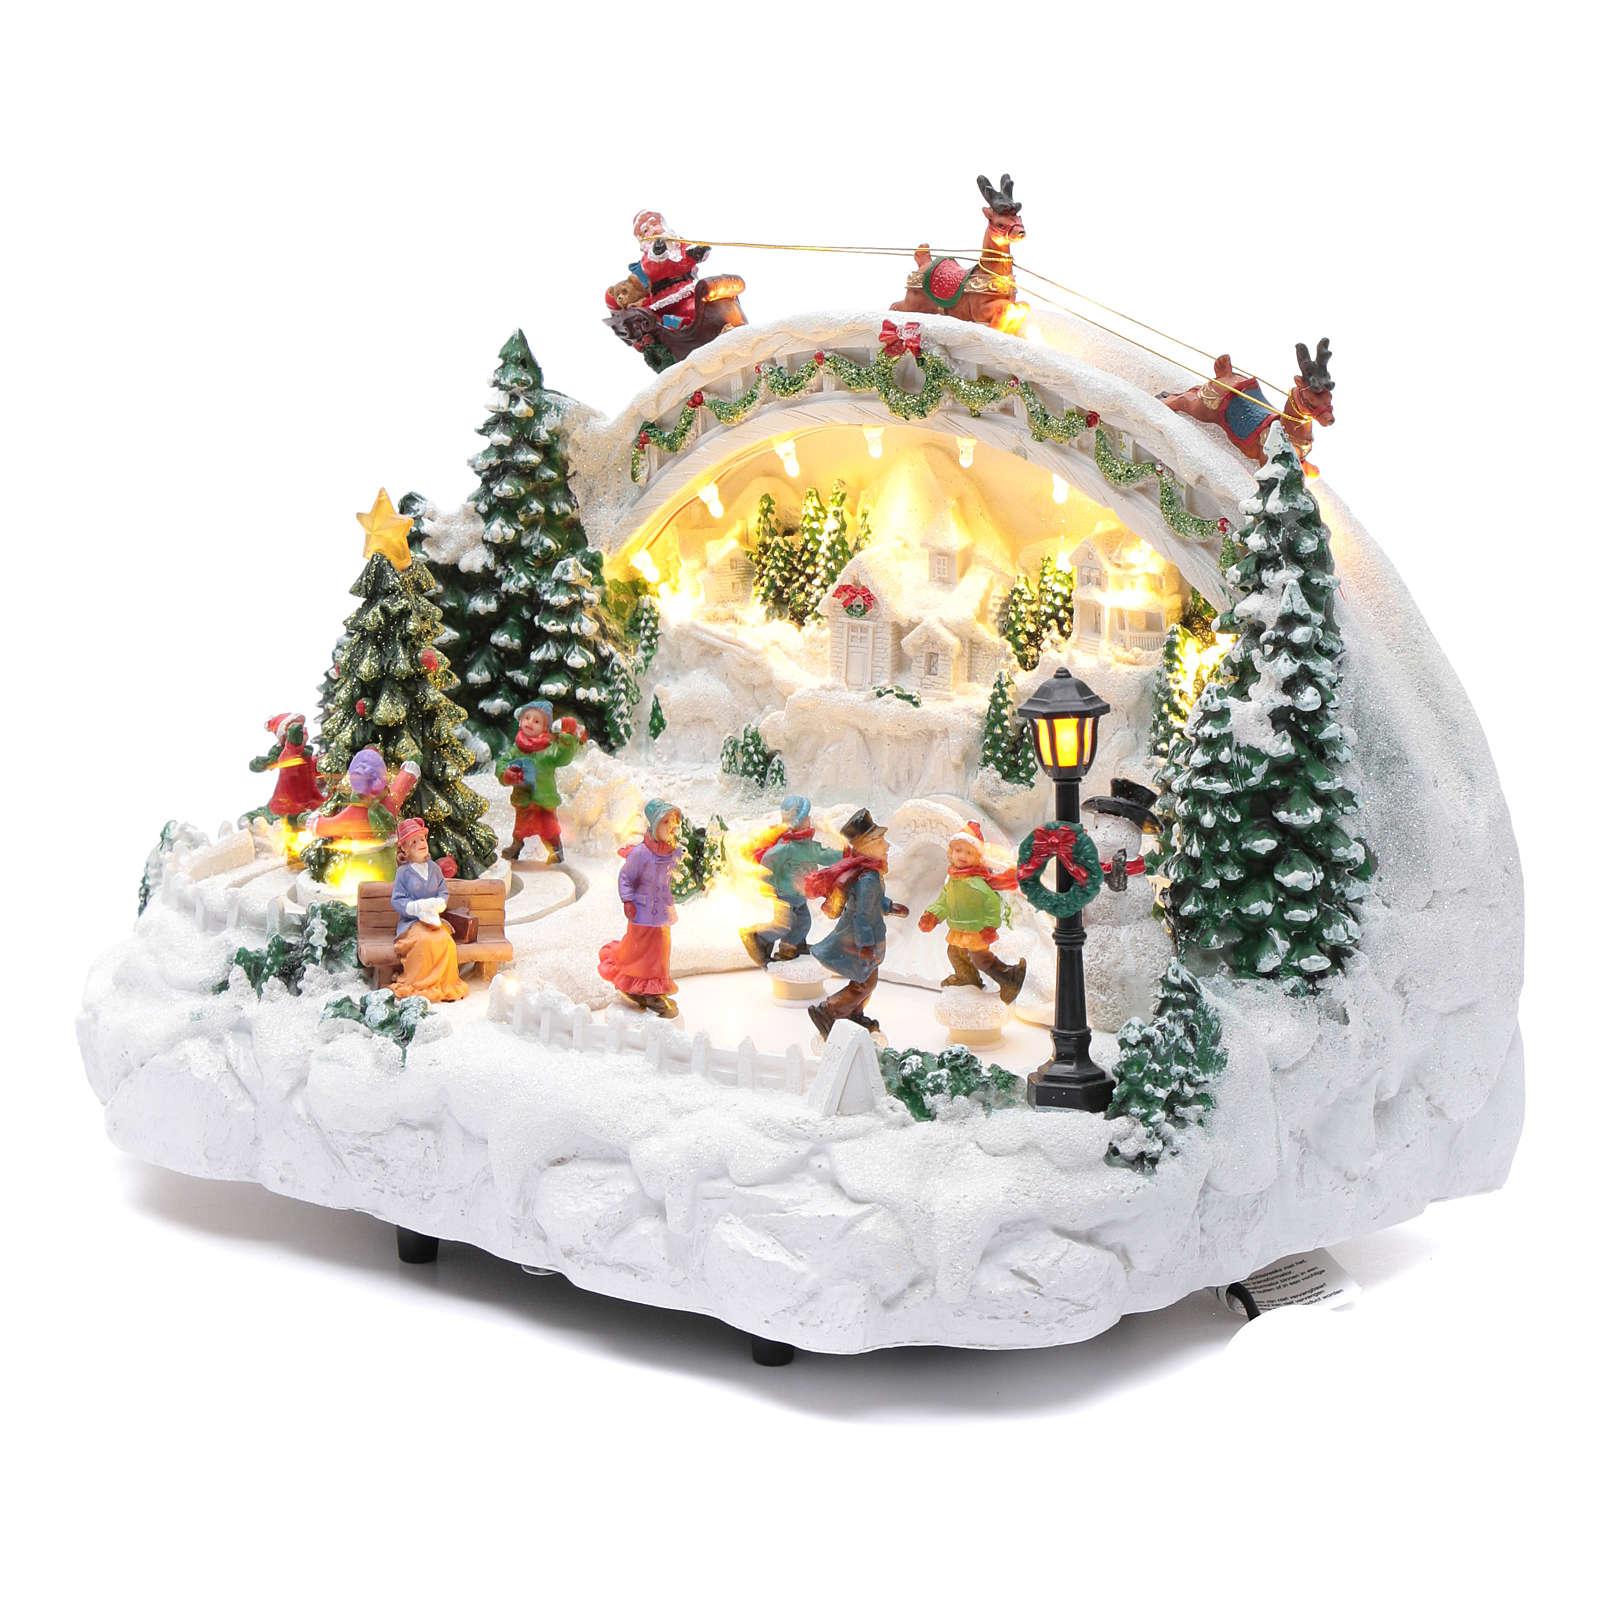 Village Noël blanc lumineux musique mouvement patineurs sapin 24x33x21 cm 3